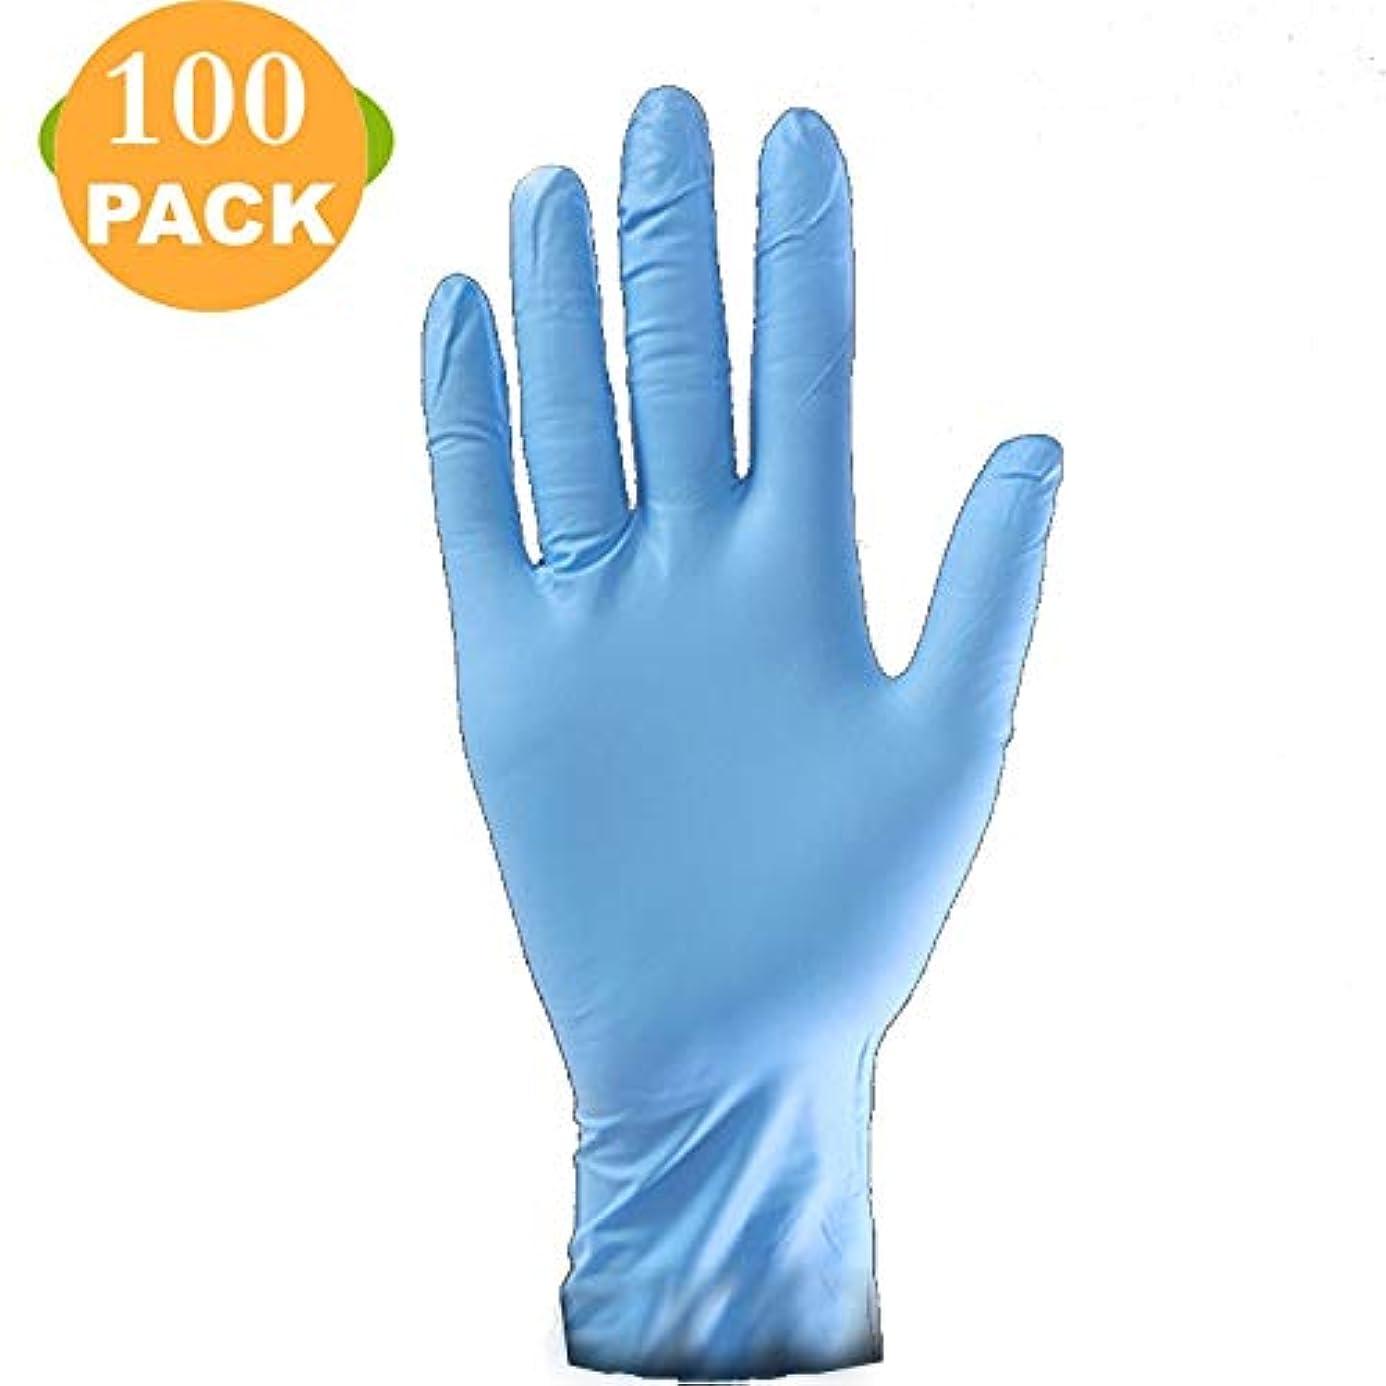 区別広告修理可能ニトリル使い捨てパウダーフリー耐酸クリーン美容ネイルサロン油と酸耐性-100パーボックス (Color : Blue, Size : M)